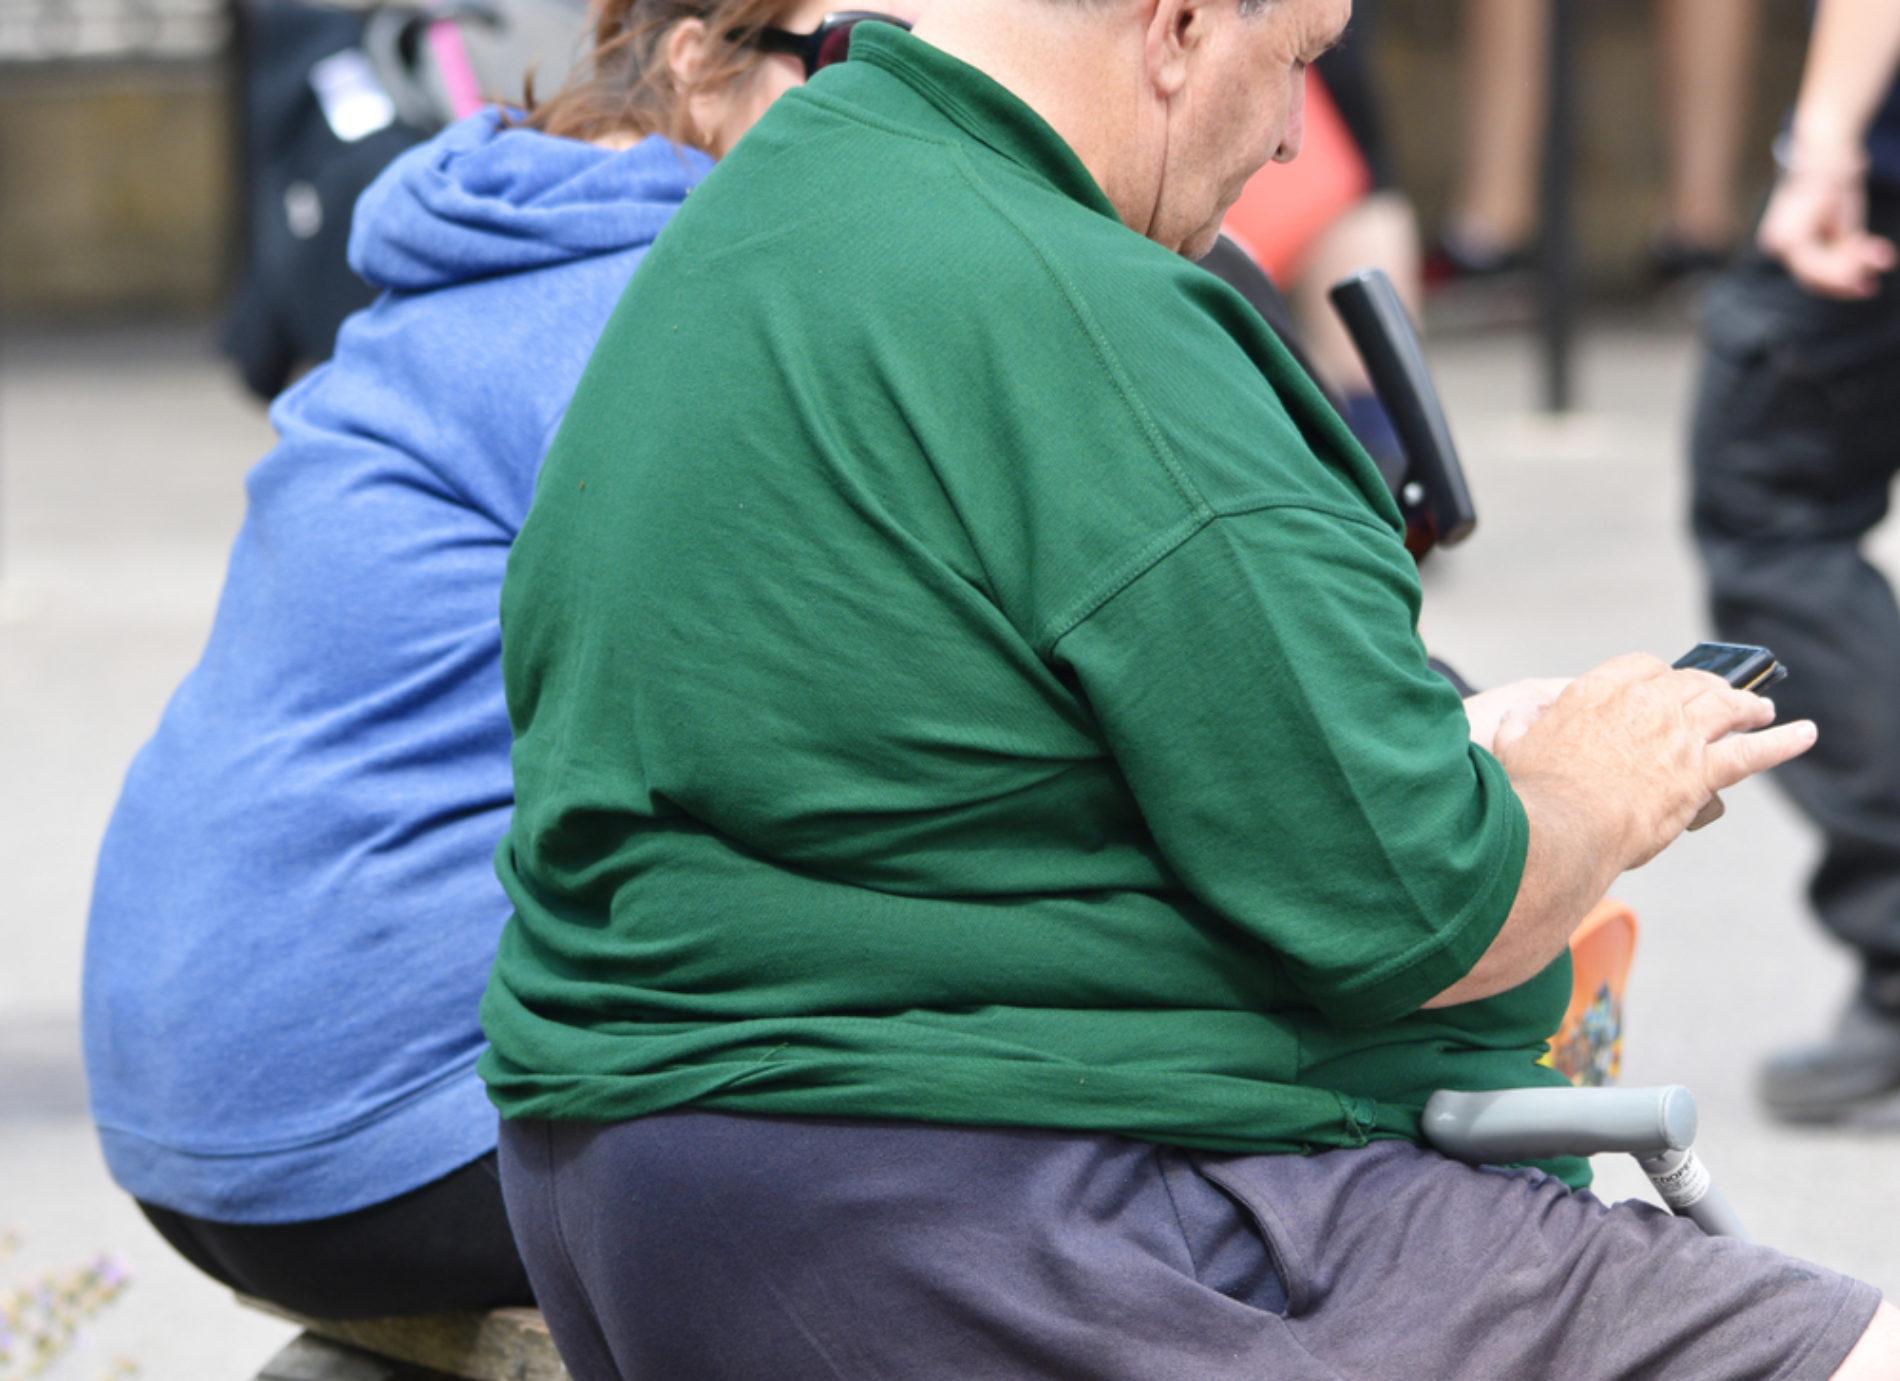 La obesidad, obstáculo para tener una vida saludable